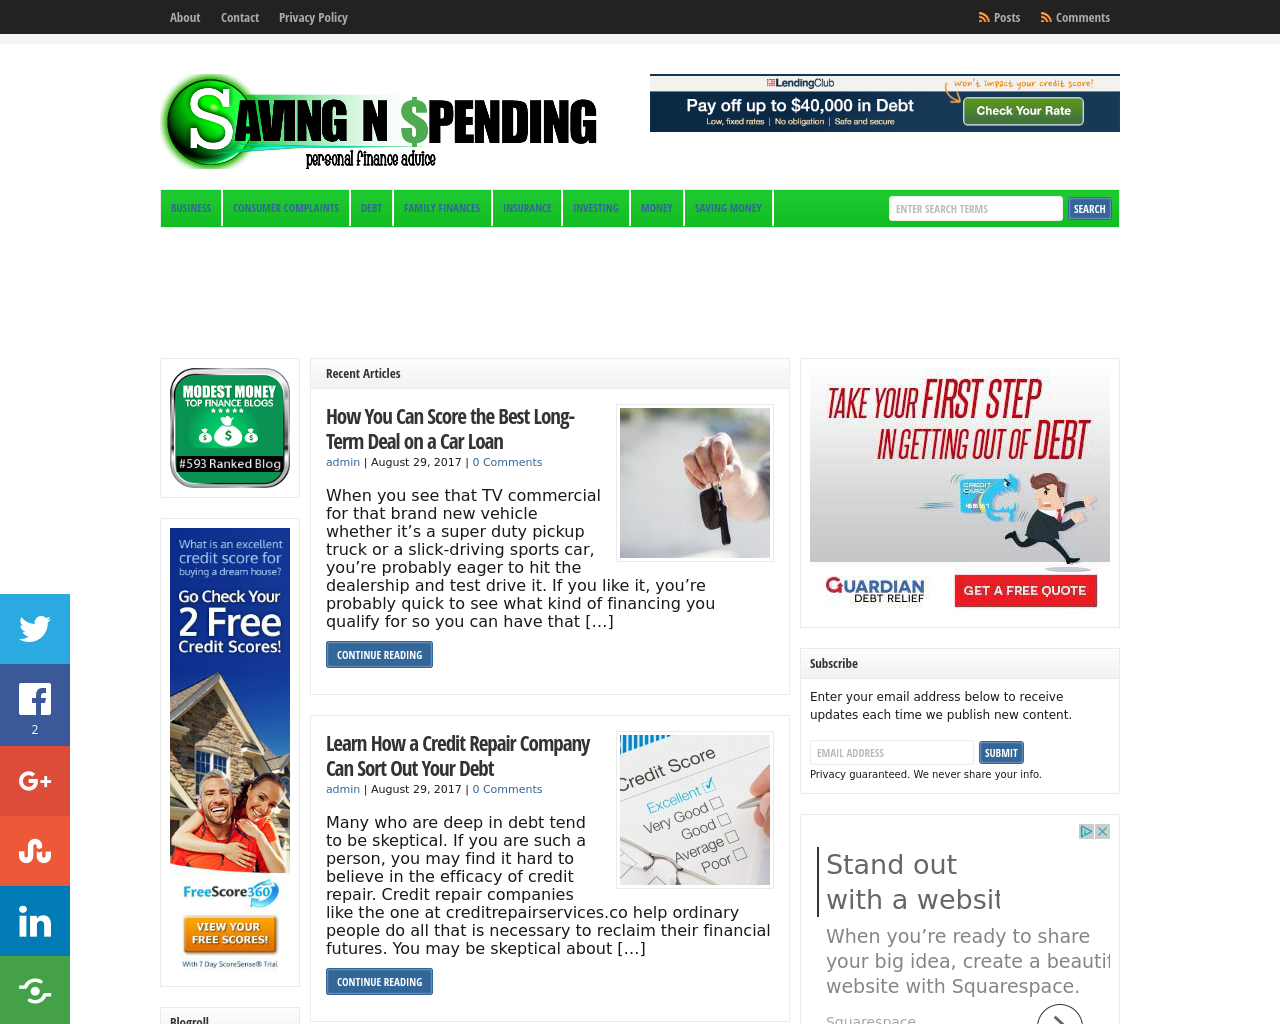 Saving-N-Spending-Advertising-Reviews-Pricing